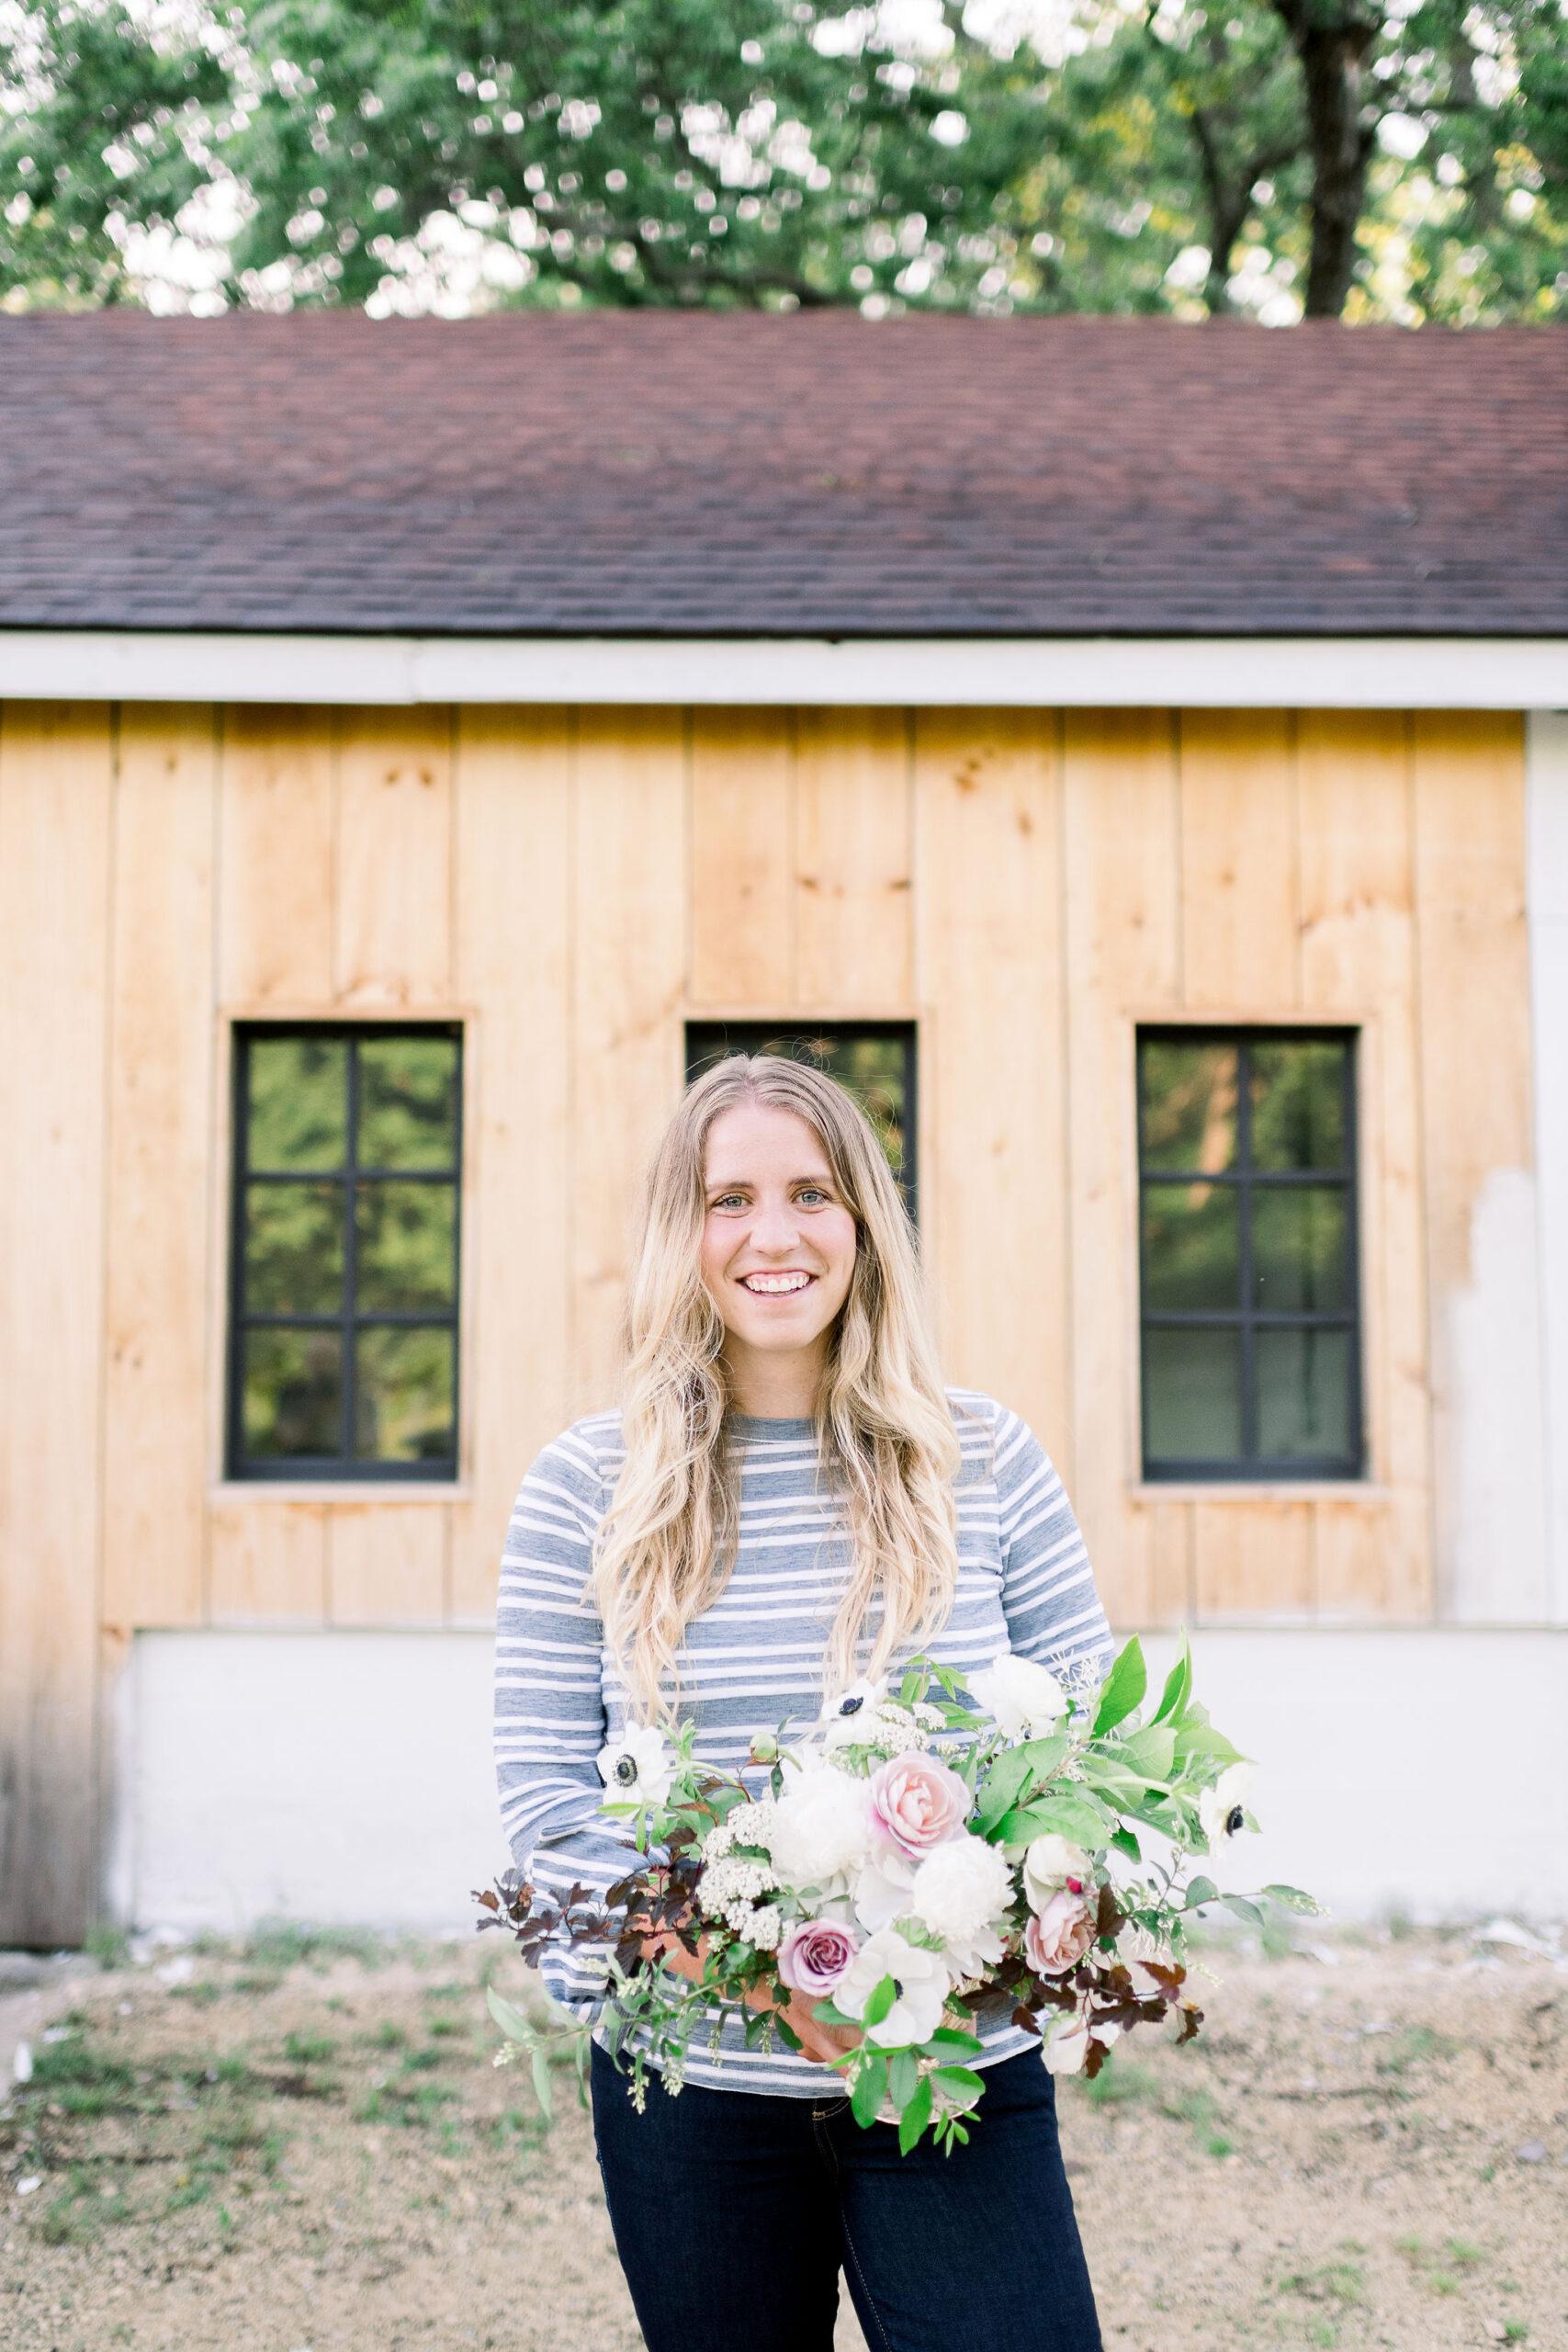 Wisconsin Wedding Flowers - Homestead Wisconsin